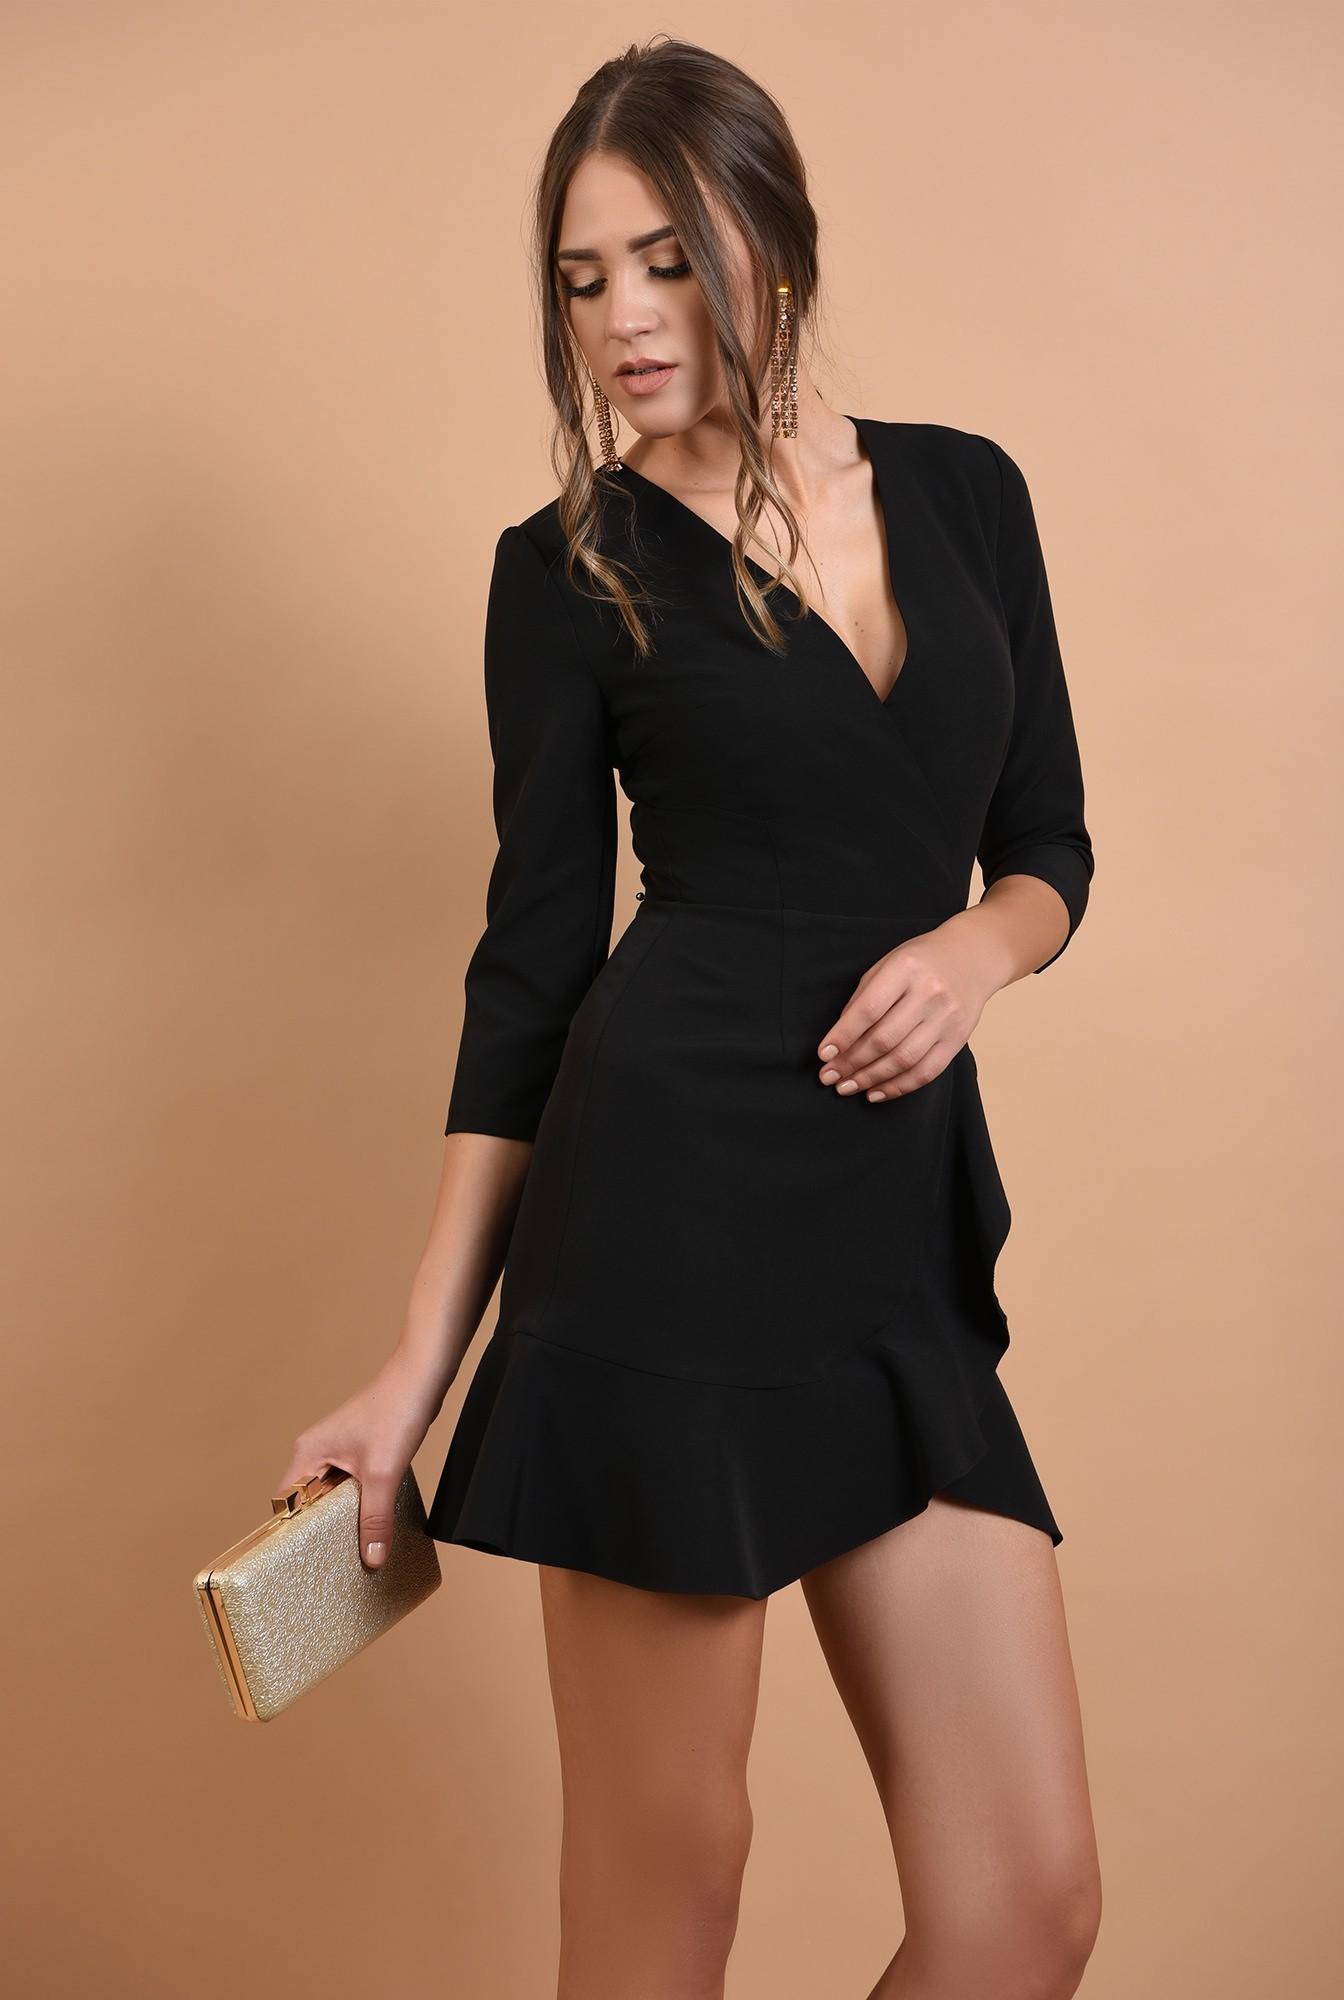 0 - rochie mini, eleganta, petrecuta, cu volane, anchior